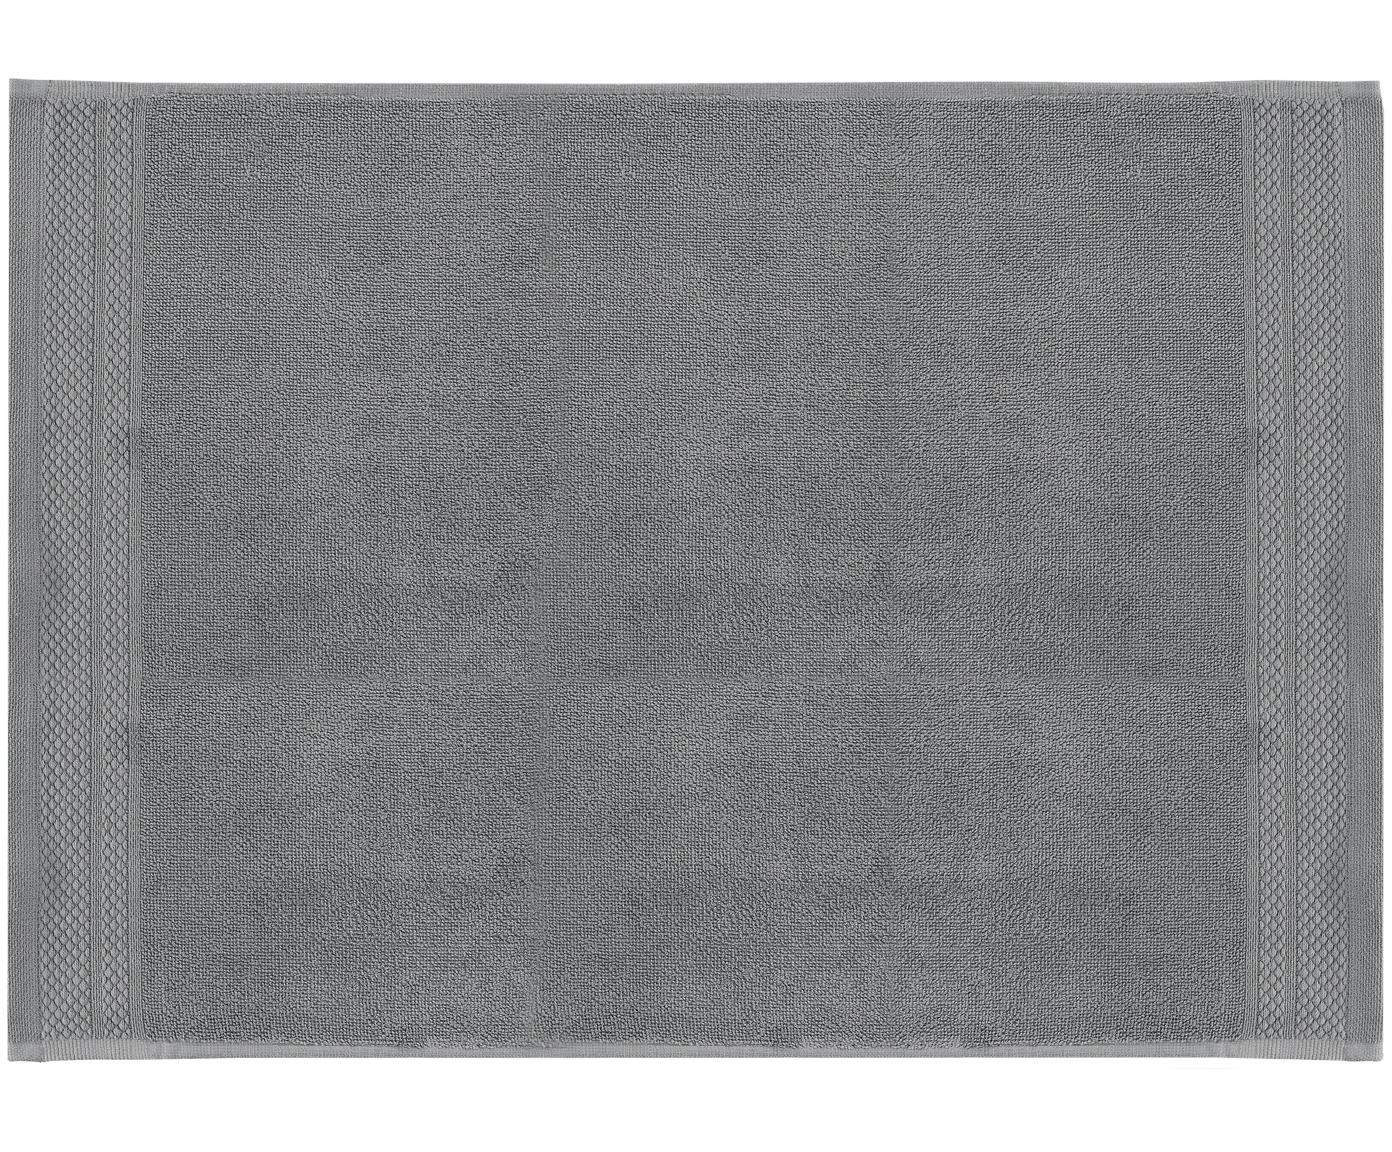 Dywanik łazienkowy Premium, 100% bawełna, Wysoka gramatura 600 g/m², Ciemny szary, S 50 x D 70 cm